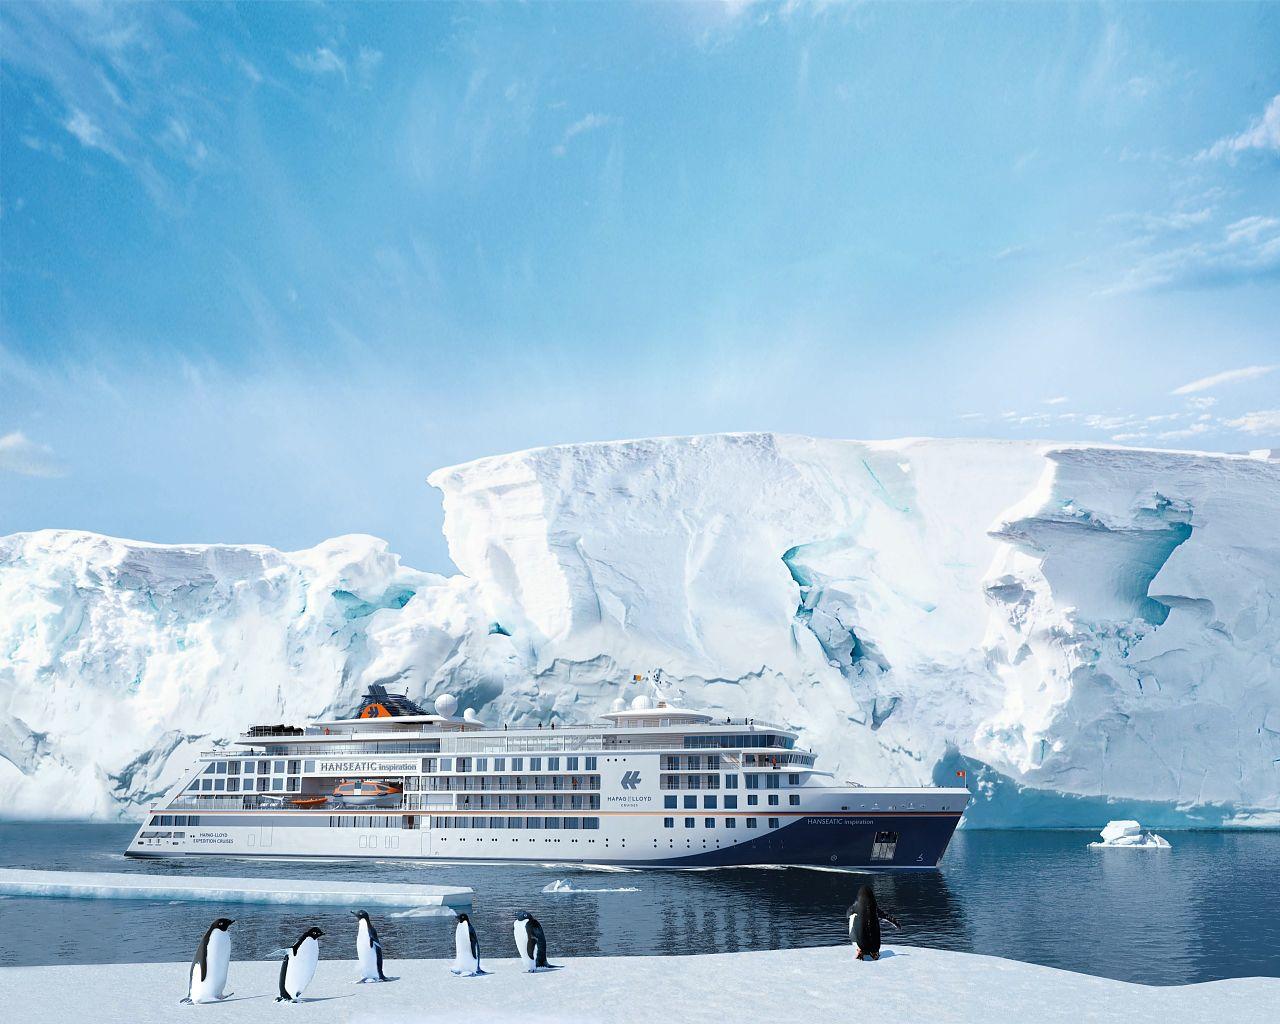 Hanseatic nature Antarktis Hapag Lloyd Cruises